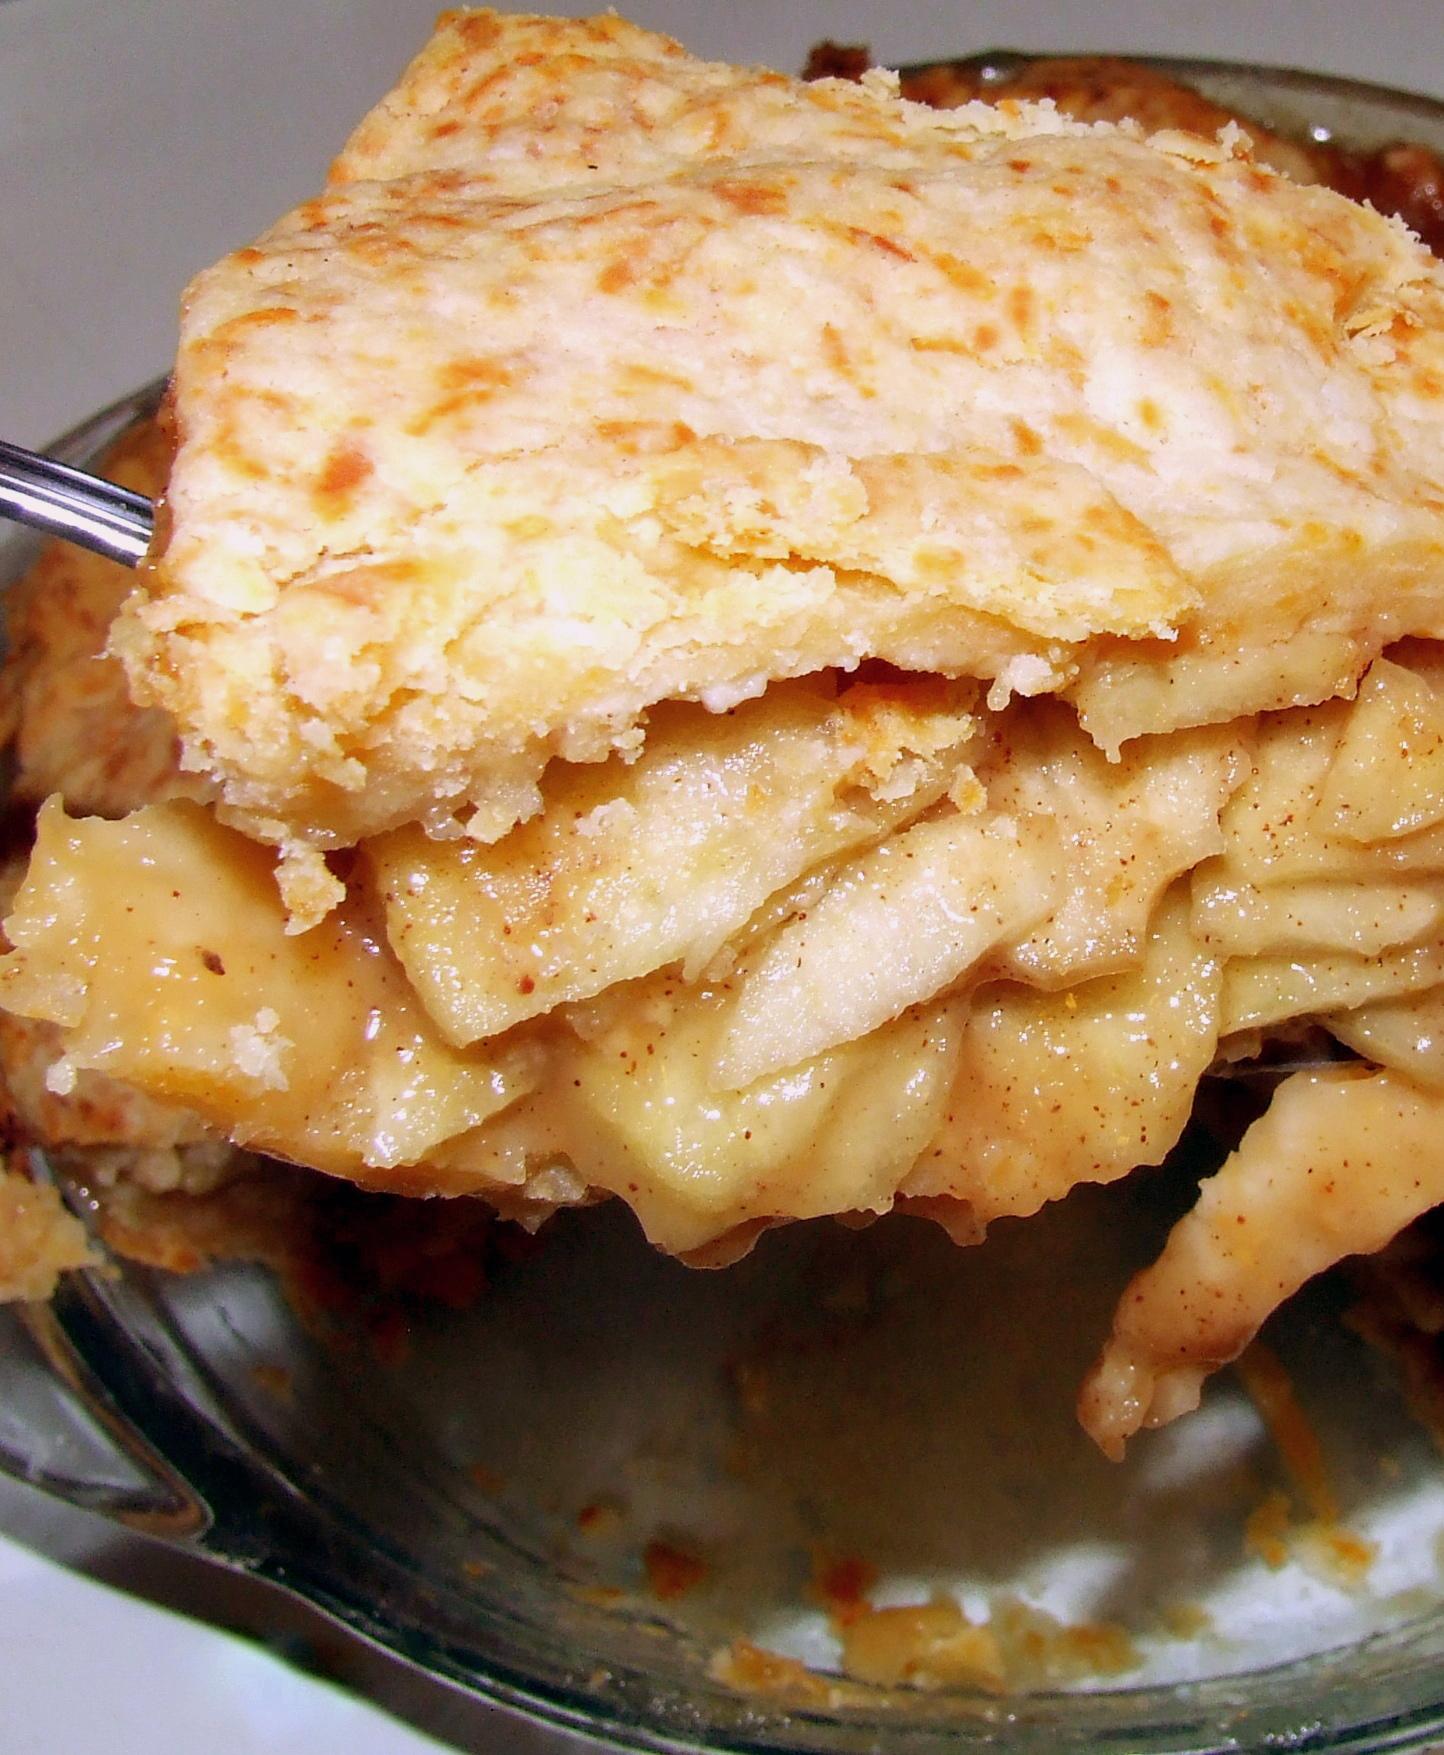 Cheddar beer crust apple pie craftbeer beerific apple pie with rustic cheddar beer crust forumfinder Gallery